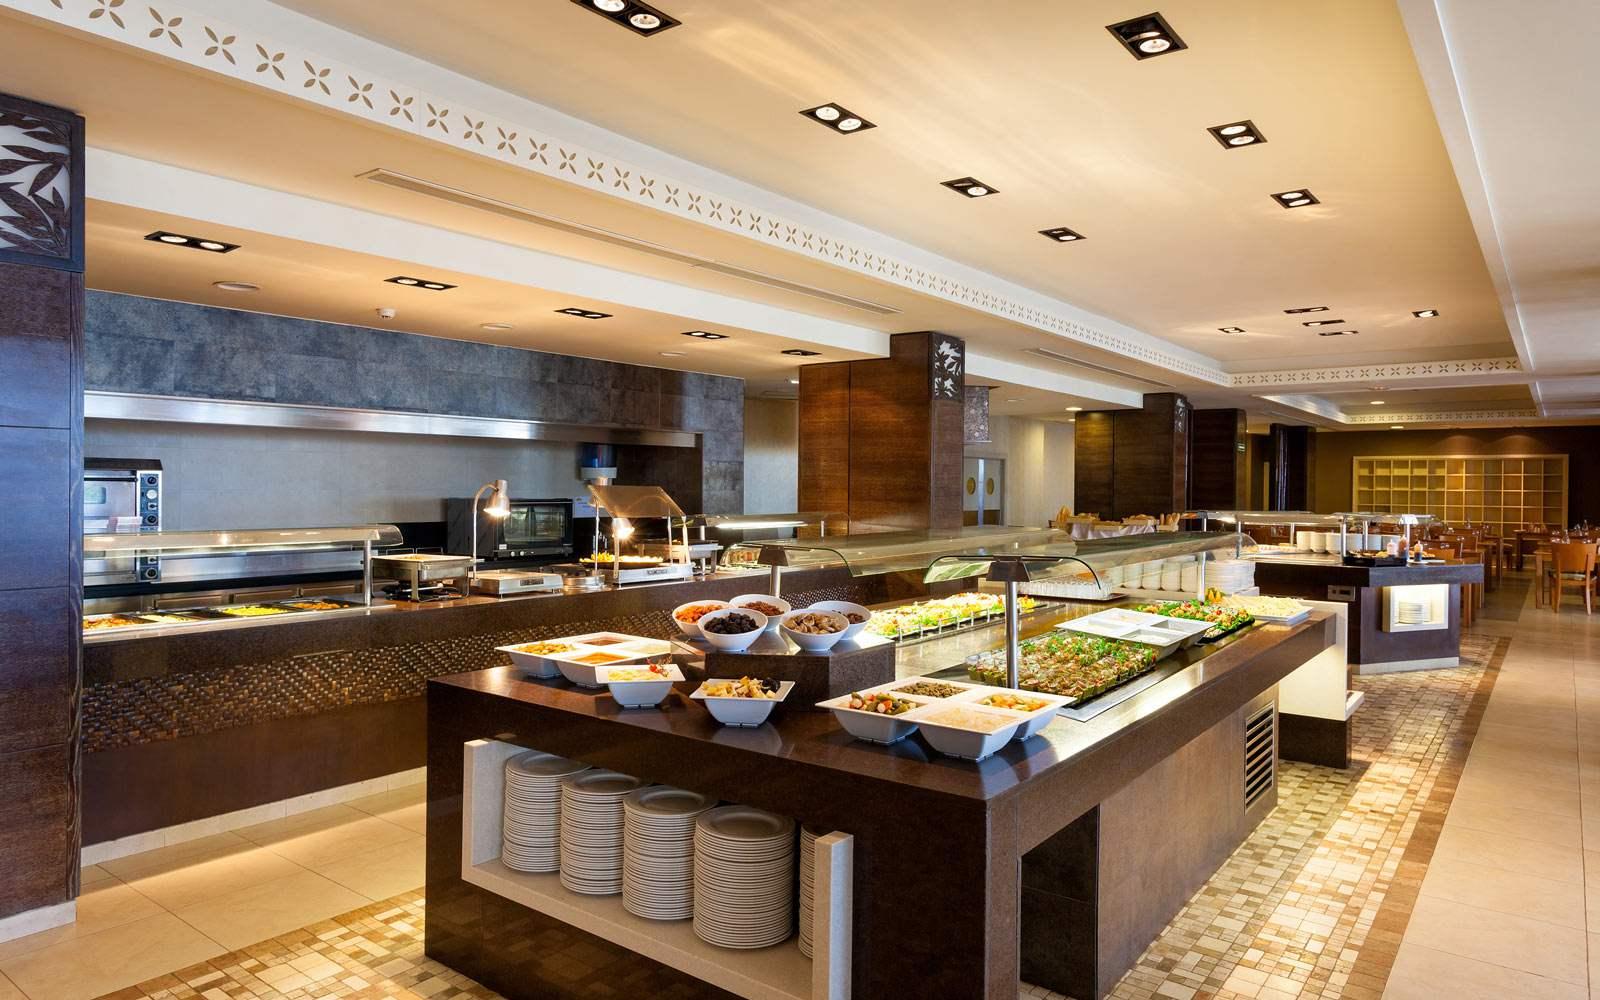 Sol Costa Atlantis buffet restaurant